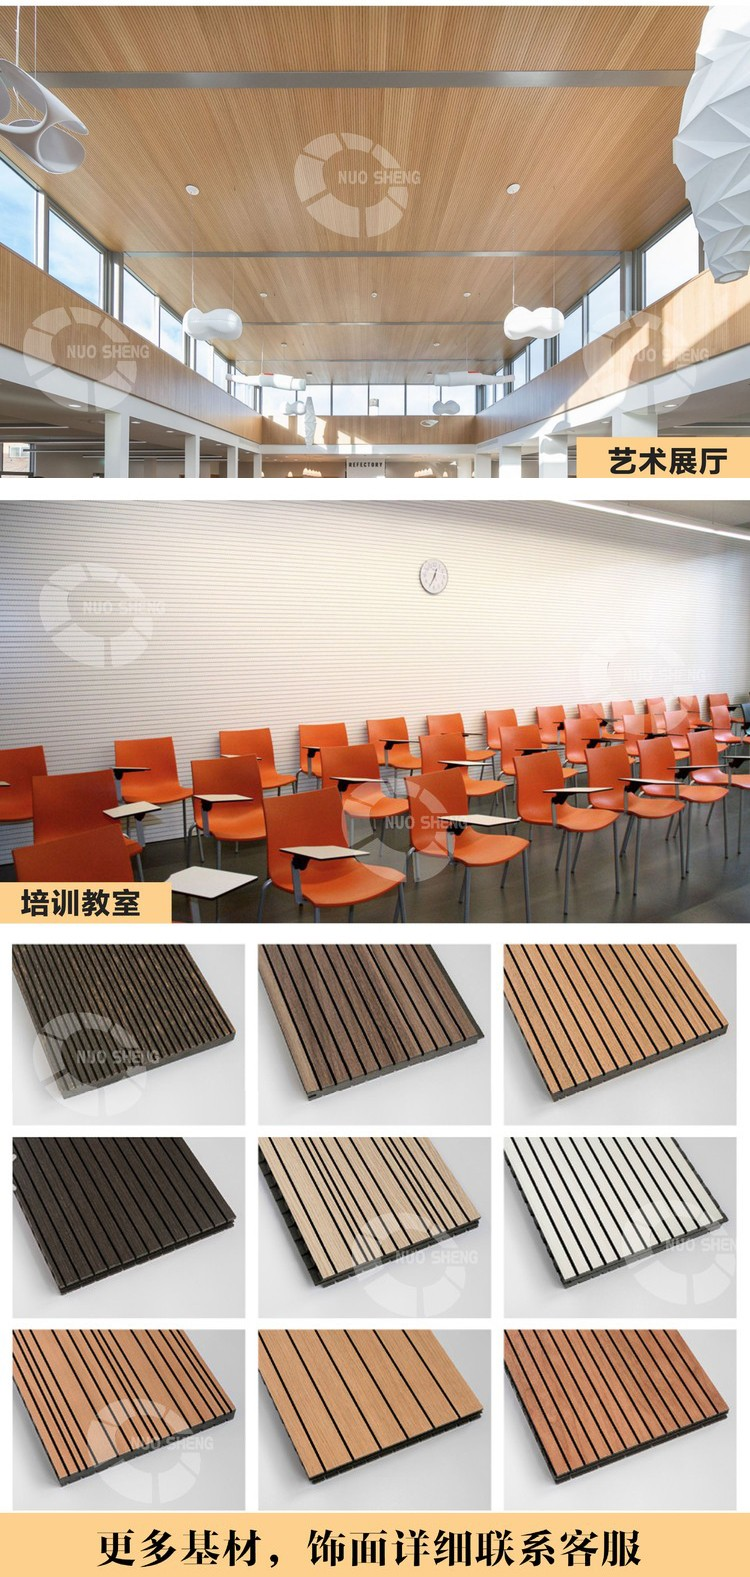 排练室槽木吸音板基材展示-4